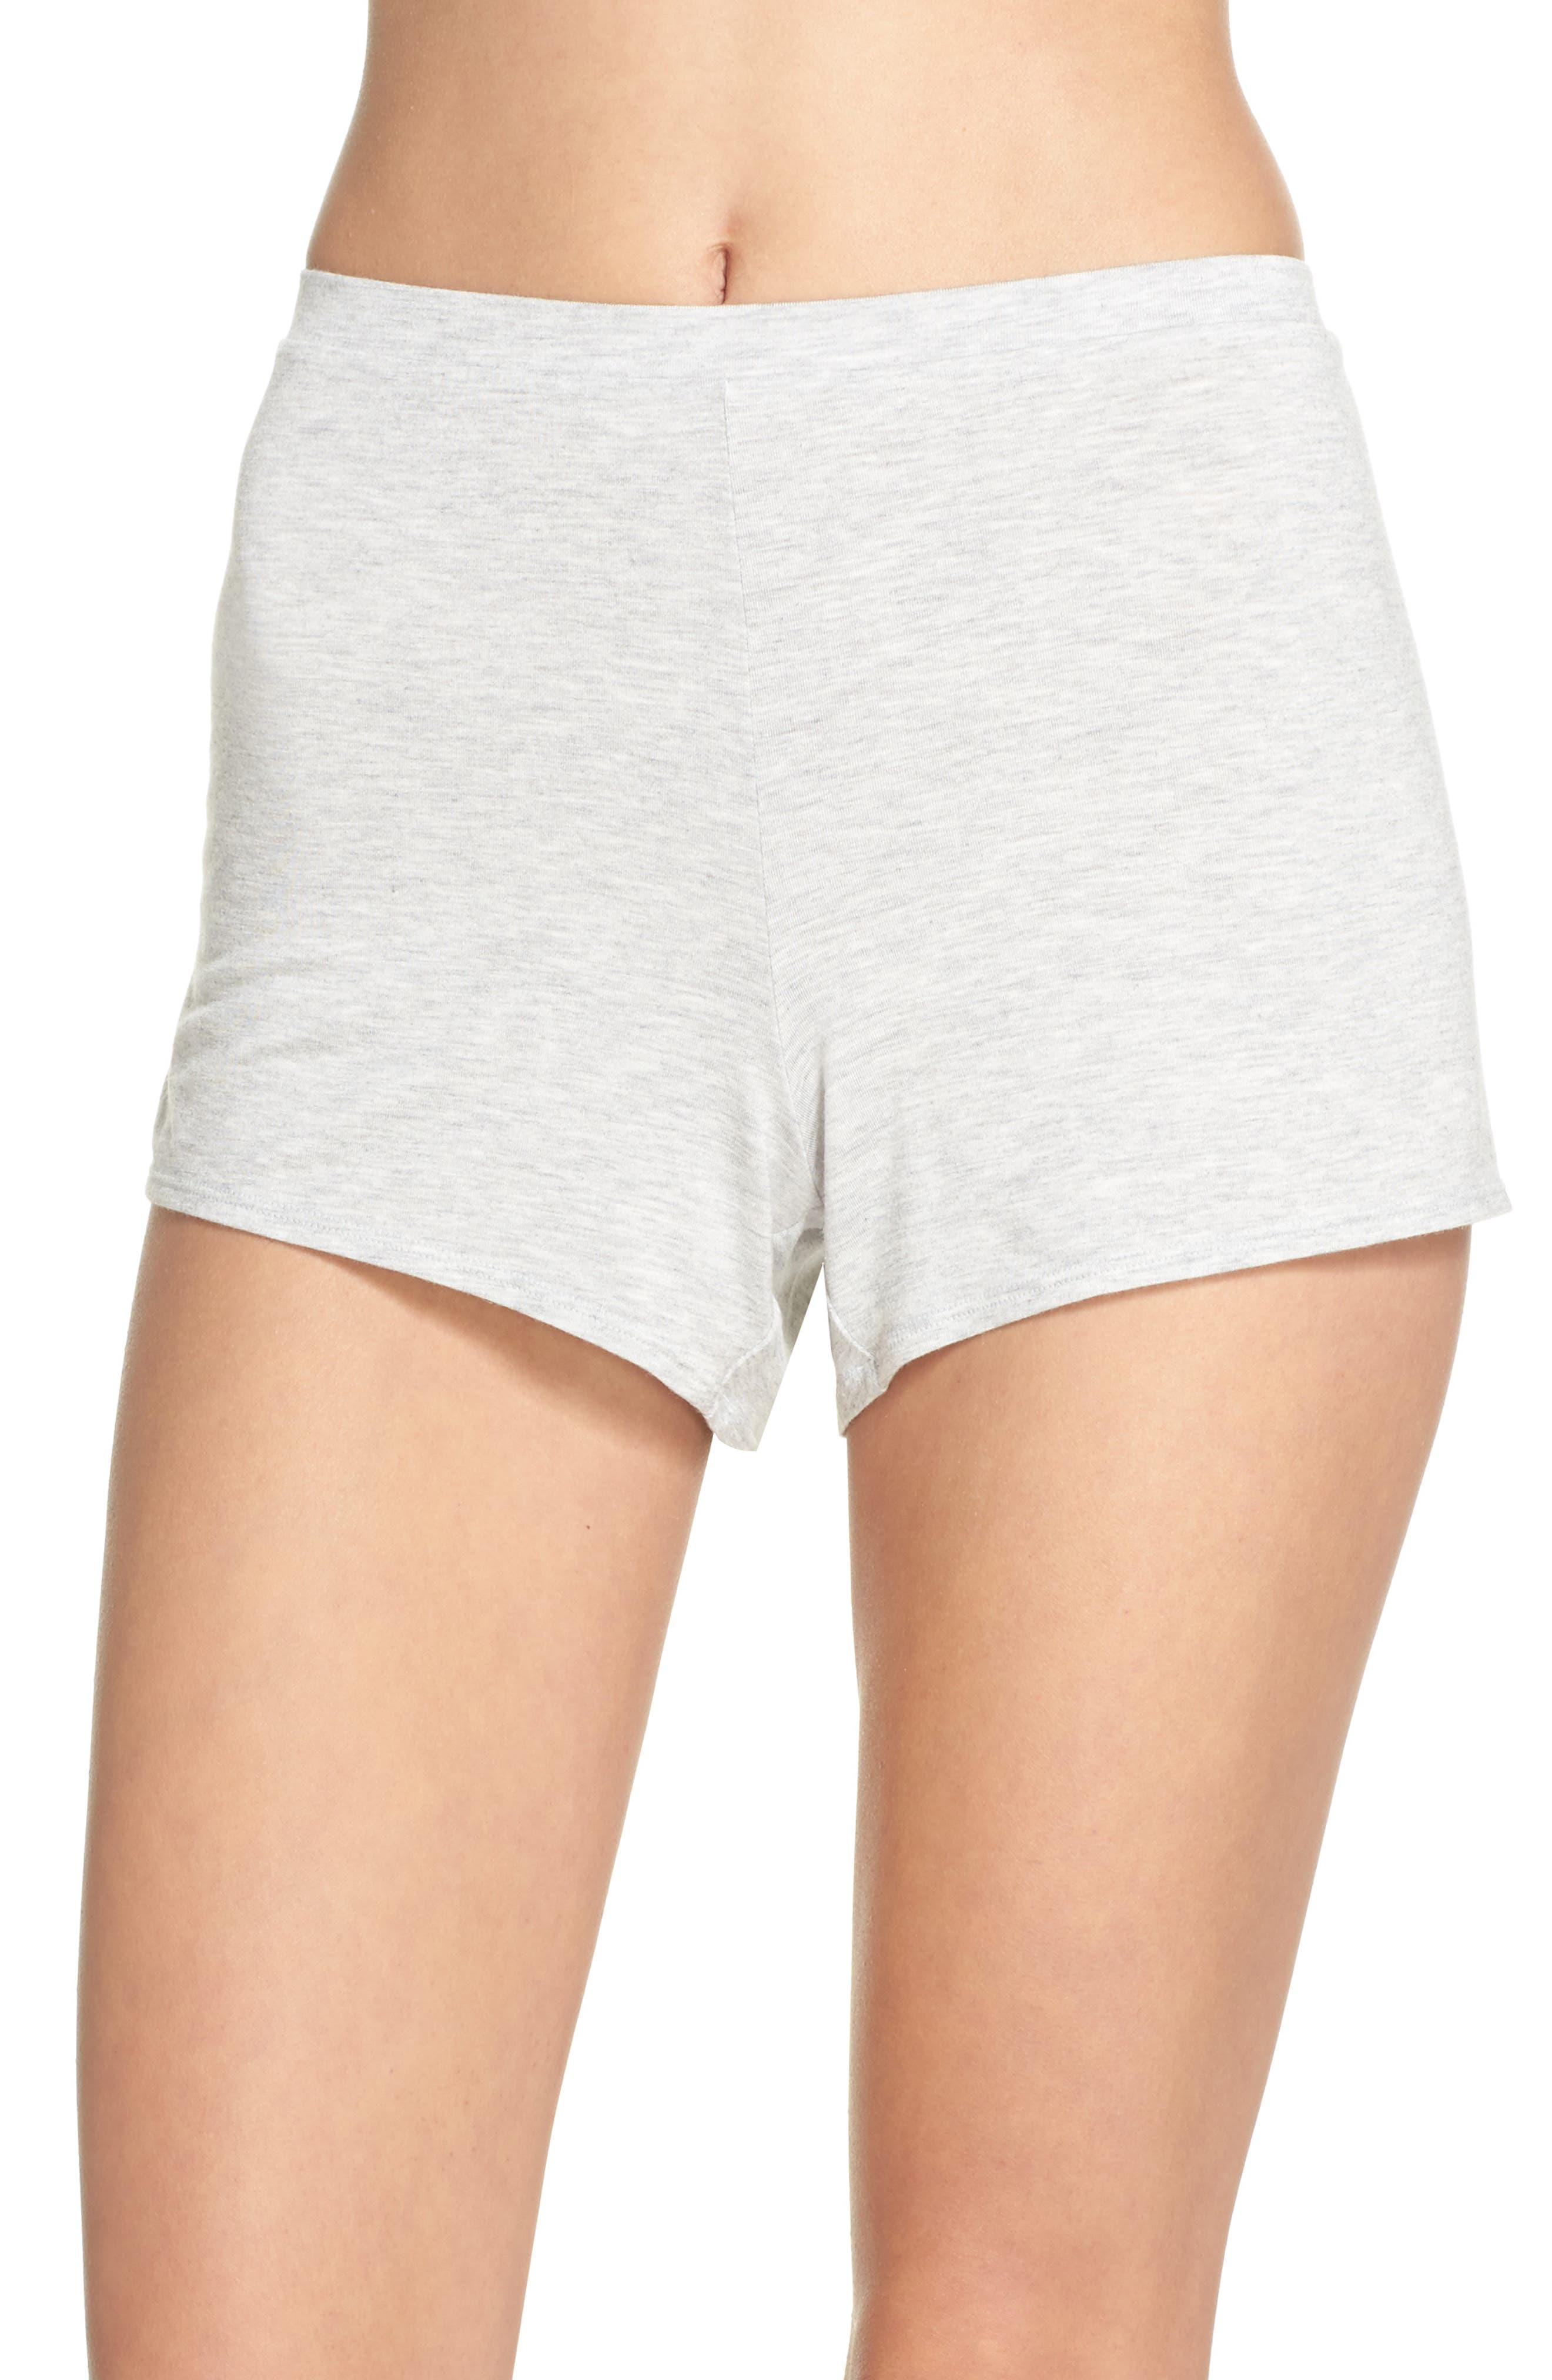 Undressed Pajama Shorts,                             Main thumbnail 1, color,                             Silver